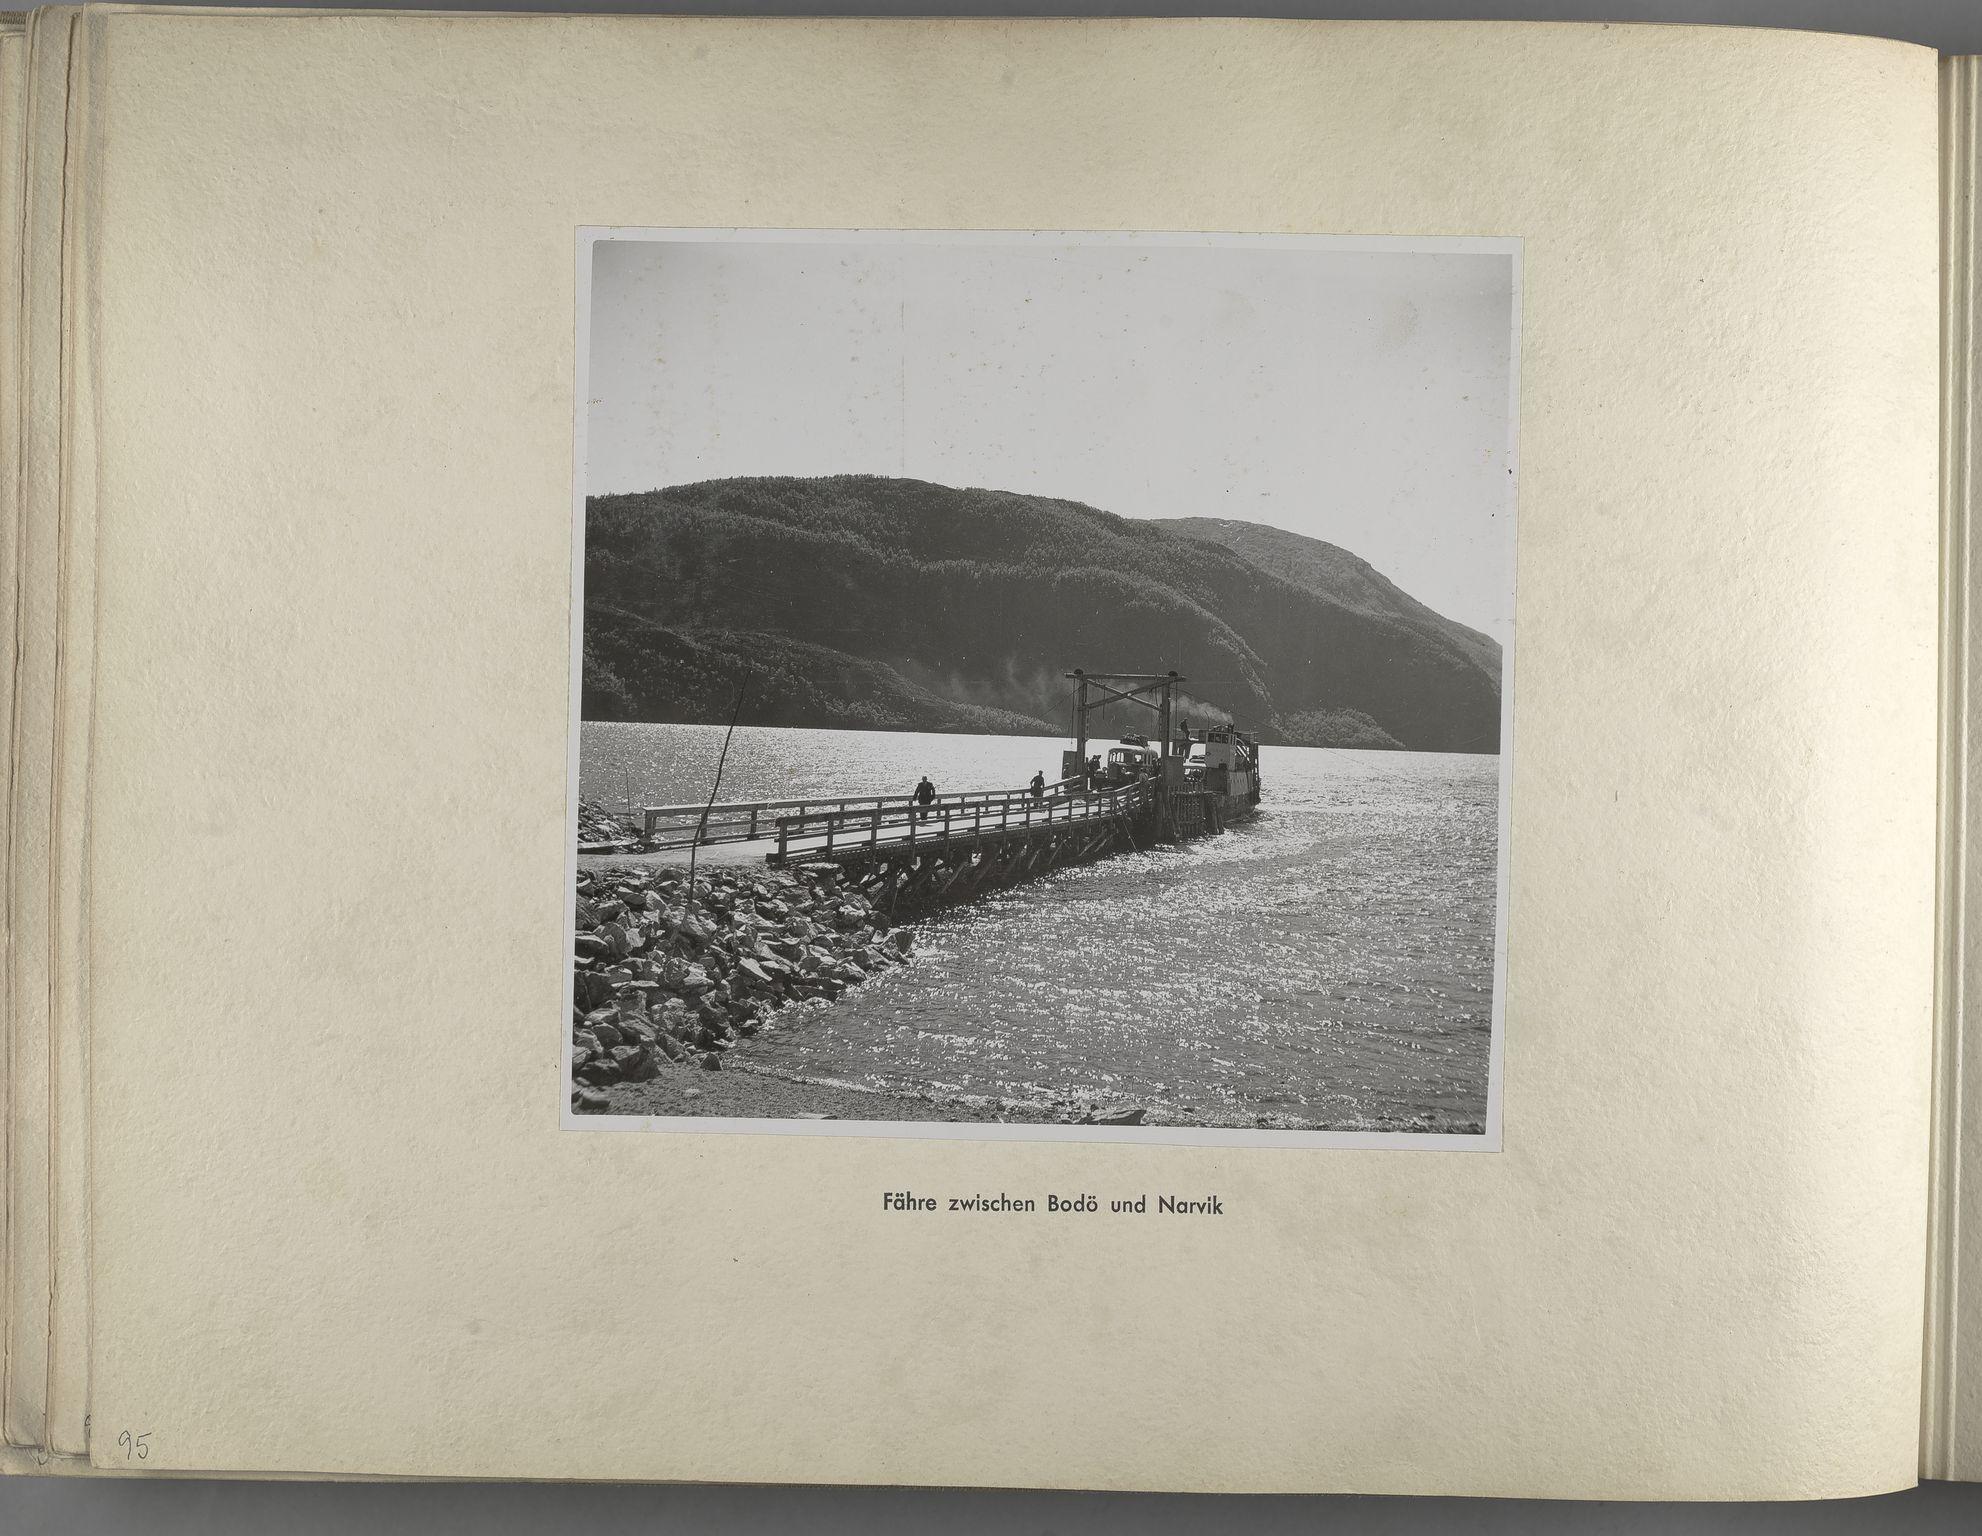 RA, Tyske arkiver, Reichskommissariat, Bildarchiv, U/L0071: Fotoalbum: Mit dem Reichskommissar nach Nordnorwegen und Finnland 10. bis 27. Juli 1942, 1942, s. 38